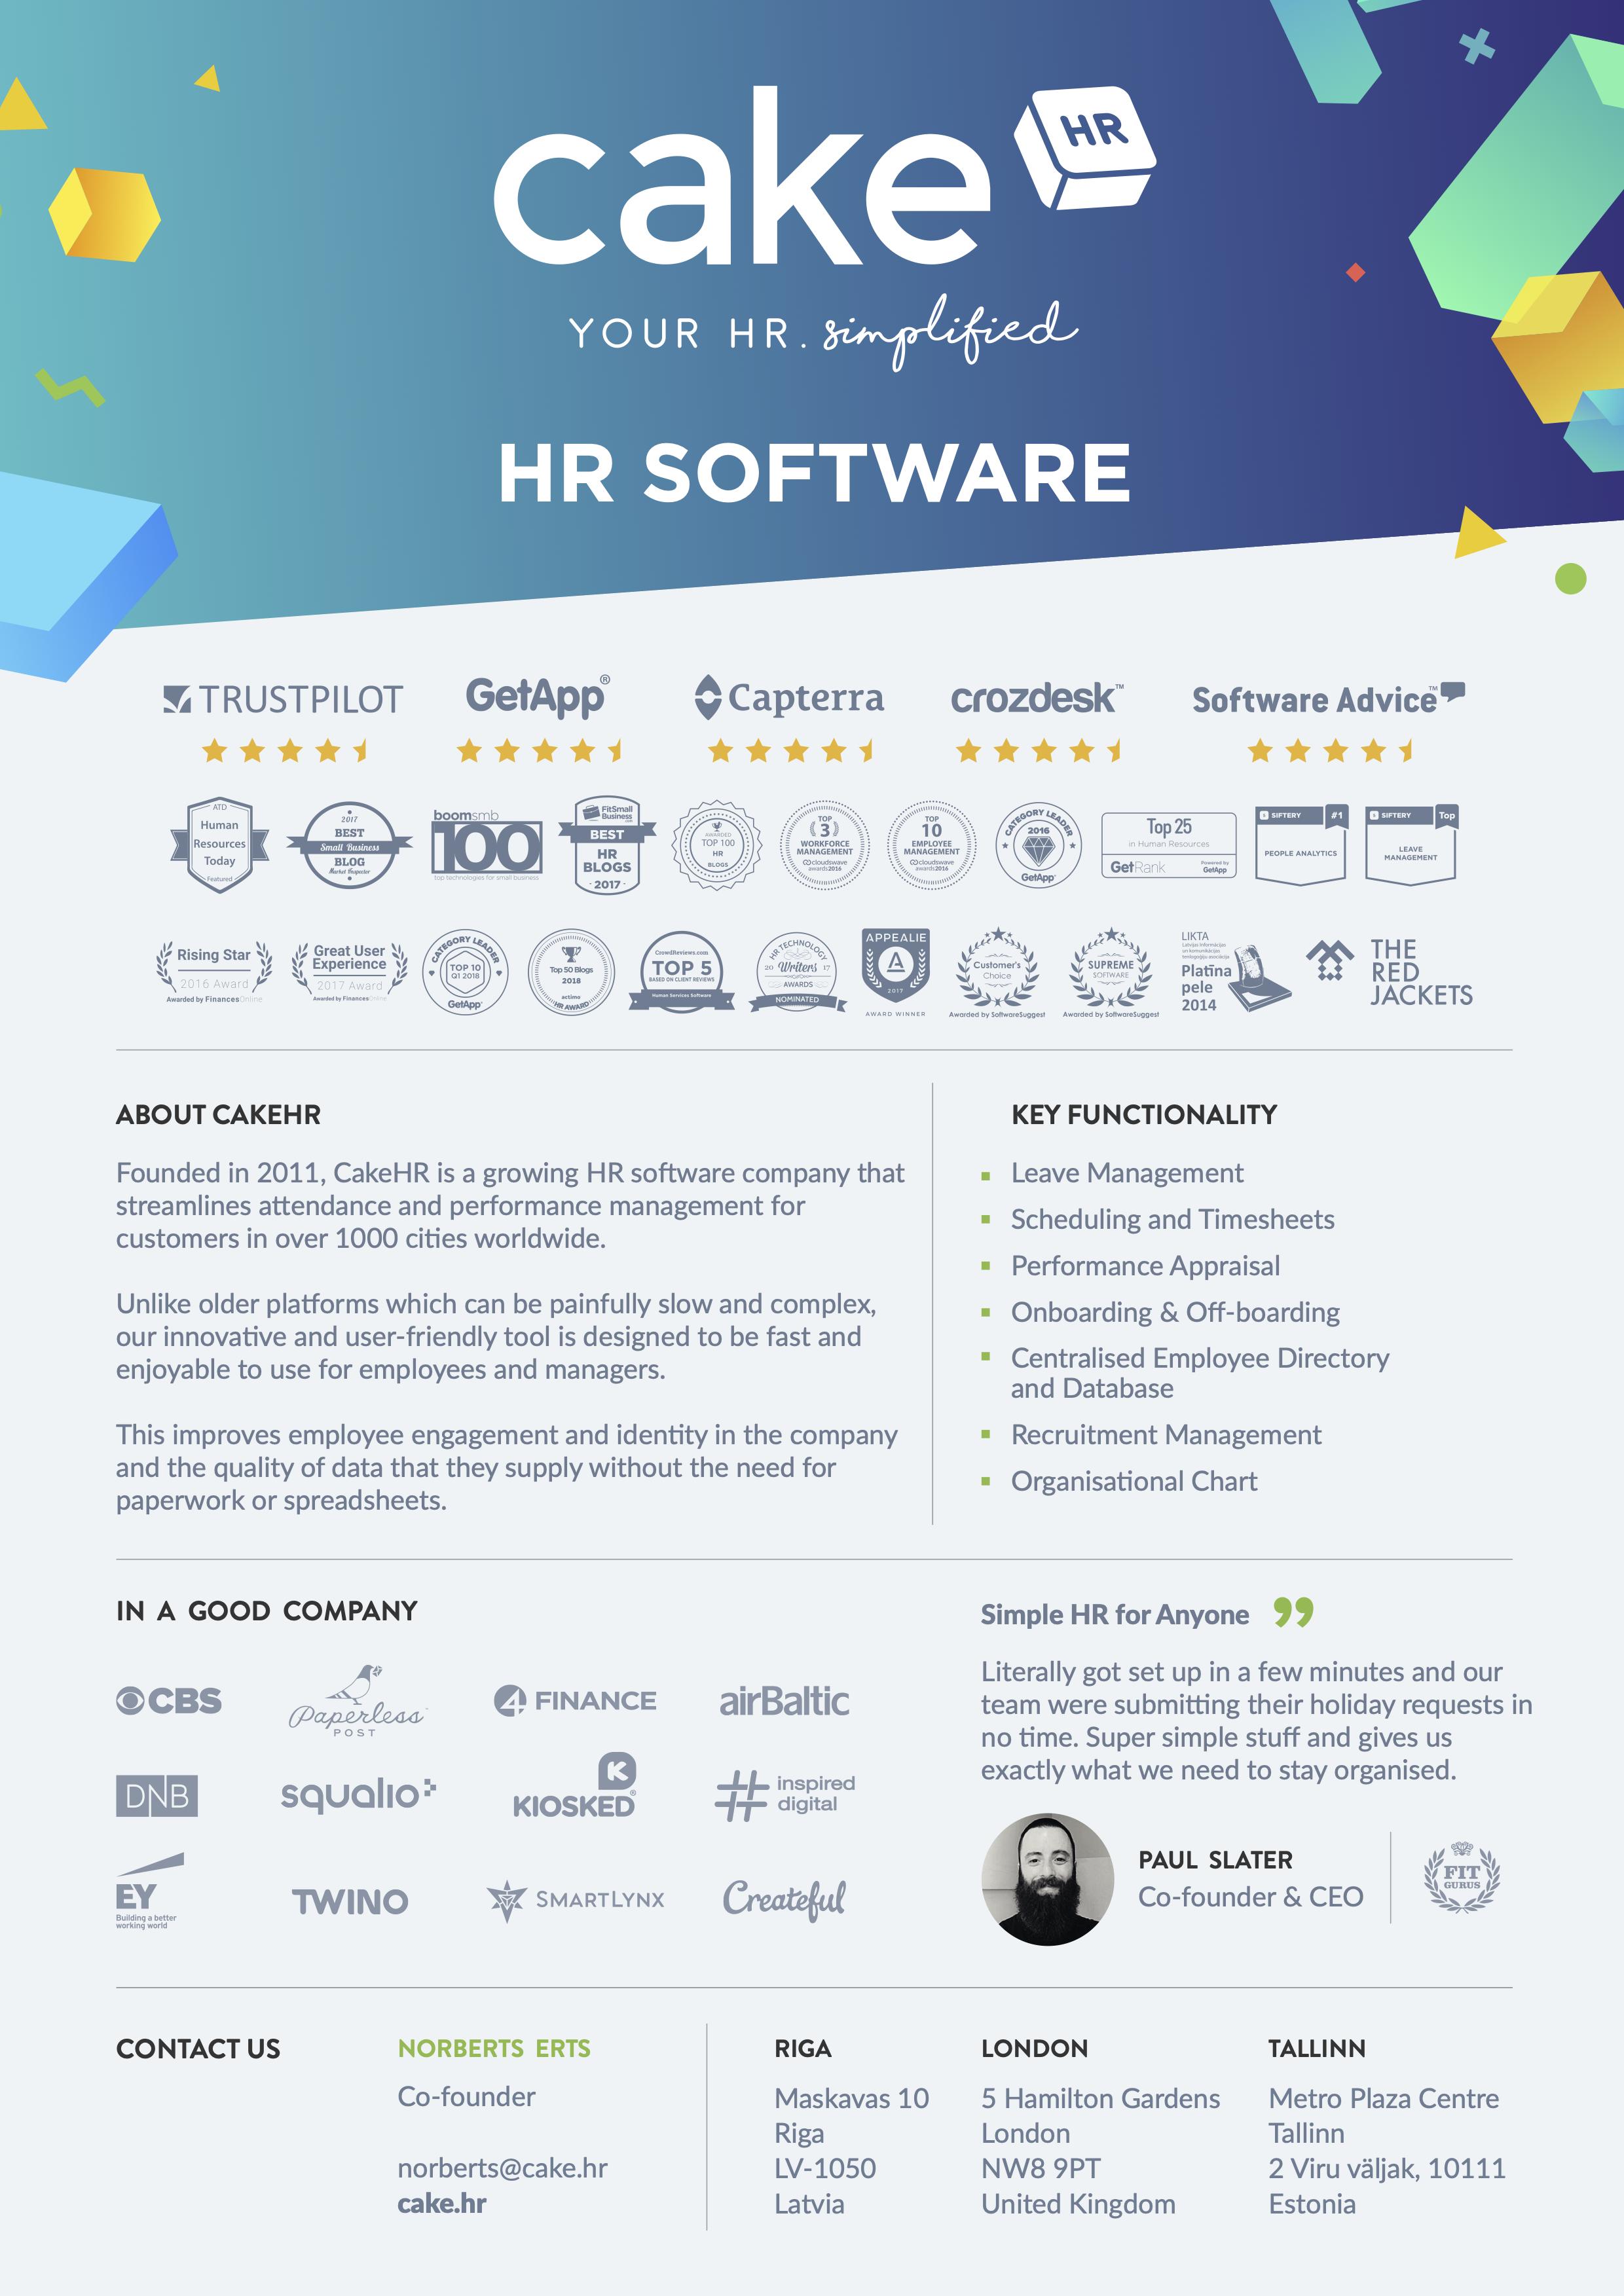 CakeHR - Your HR Analytics. Simplified!